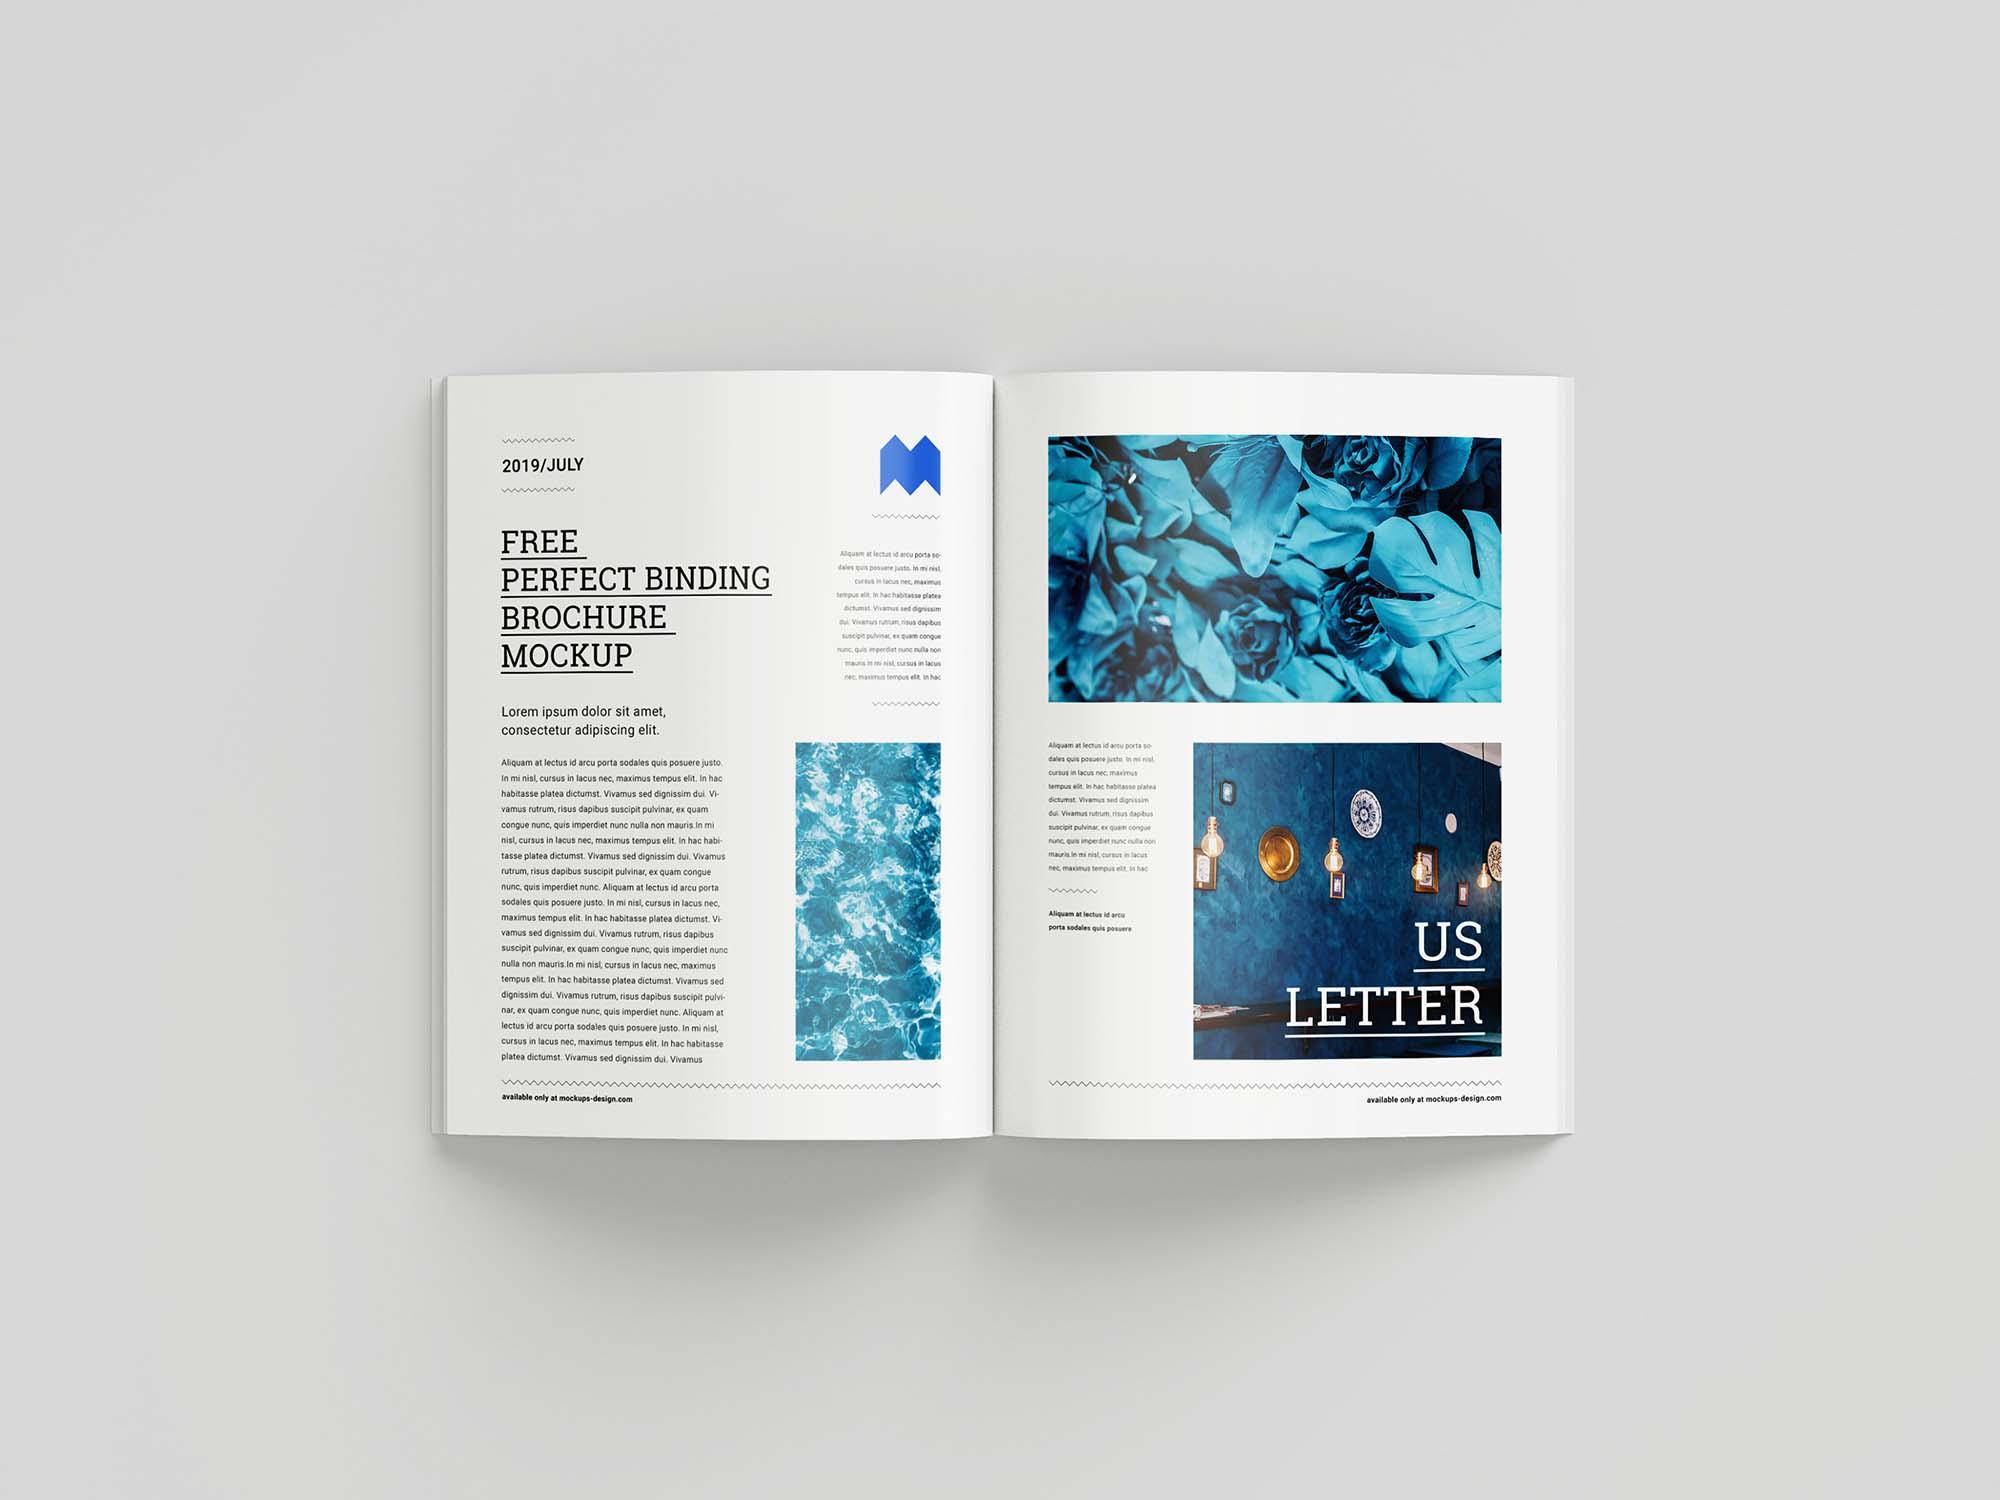 US Letter Brochure Mockup 5